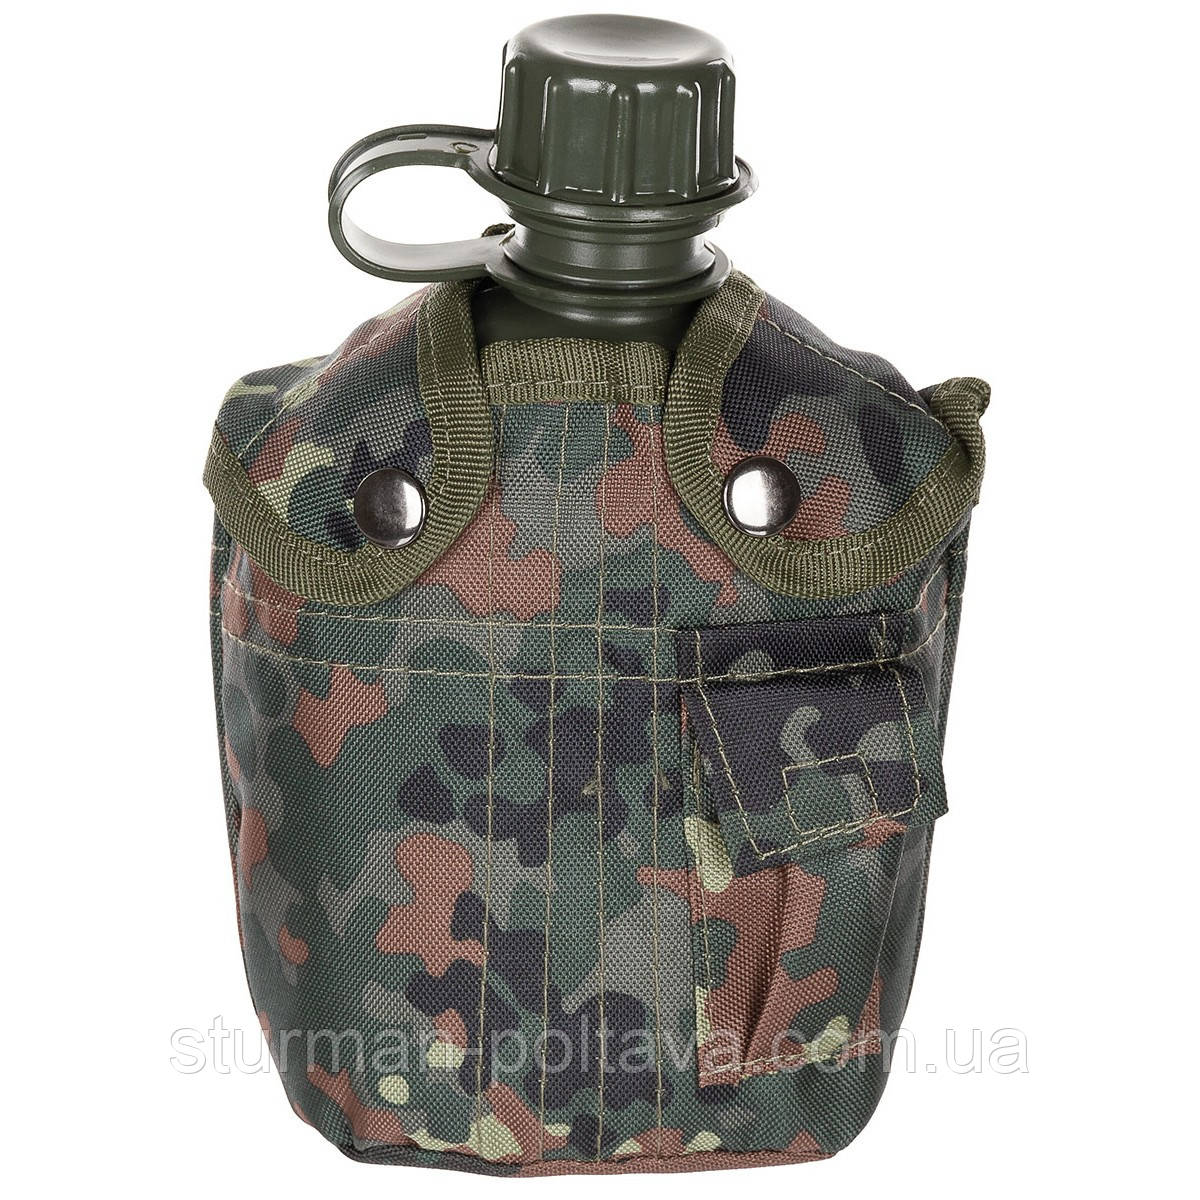 Фляга армеская пластикова на 1 літр з термочехлом flecktarn, BPA-frei MFH Німеччина